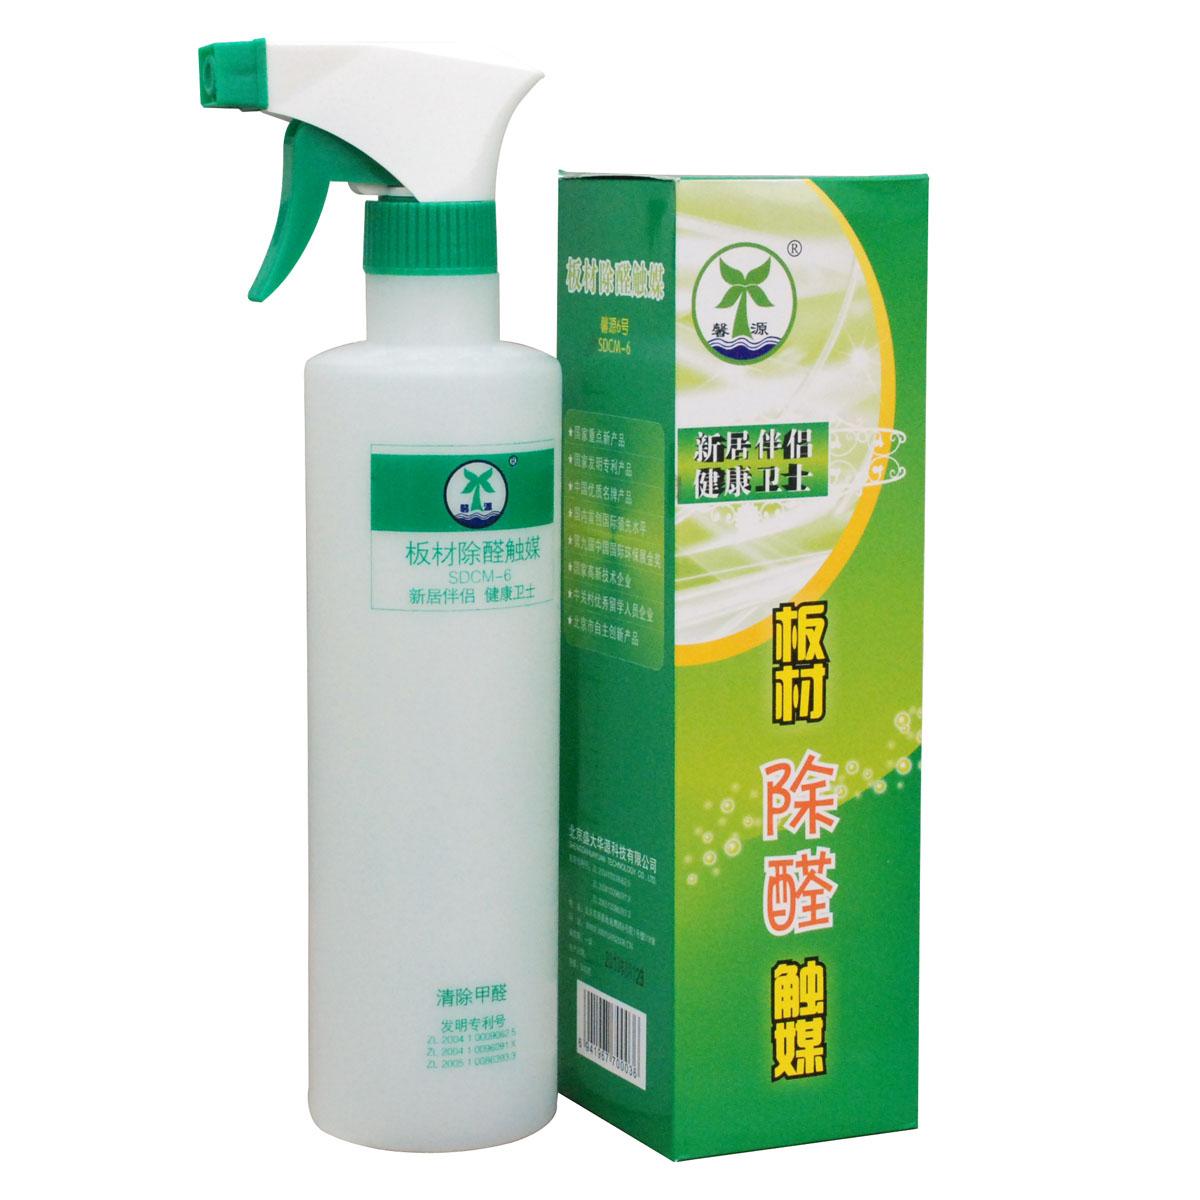 馨源|馨源6号 板材除醛触媒 除甲醛加盟|除甲醛招商